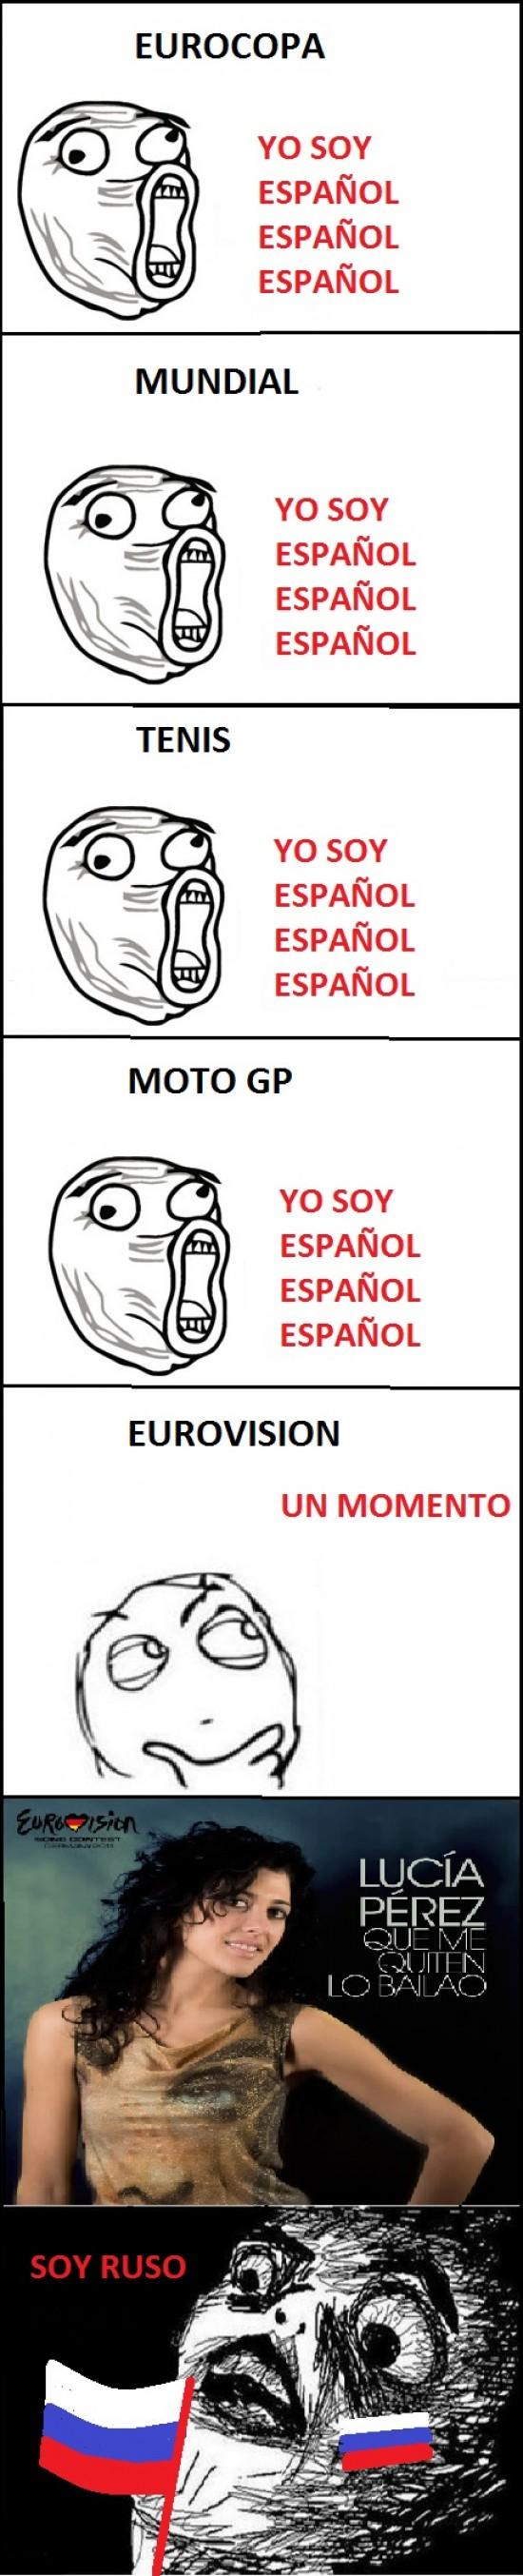 Inglip - Eurovisión